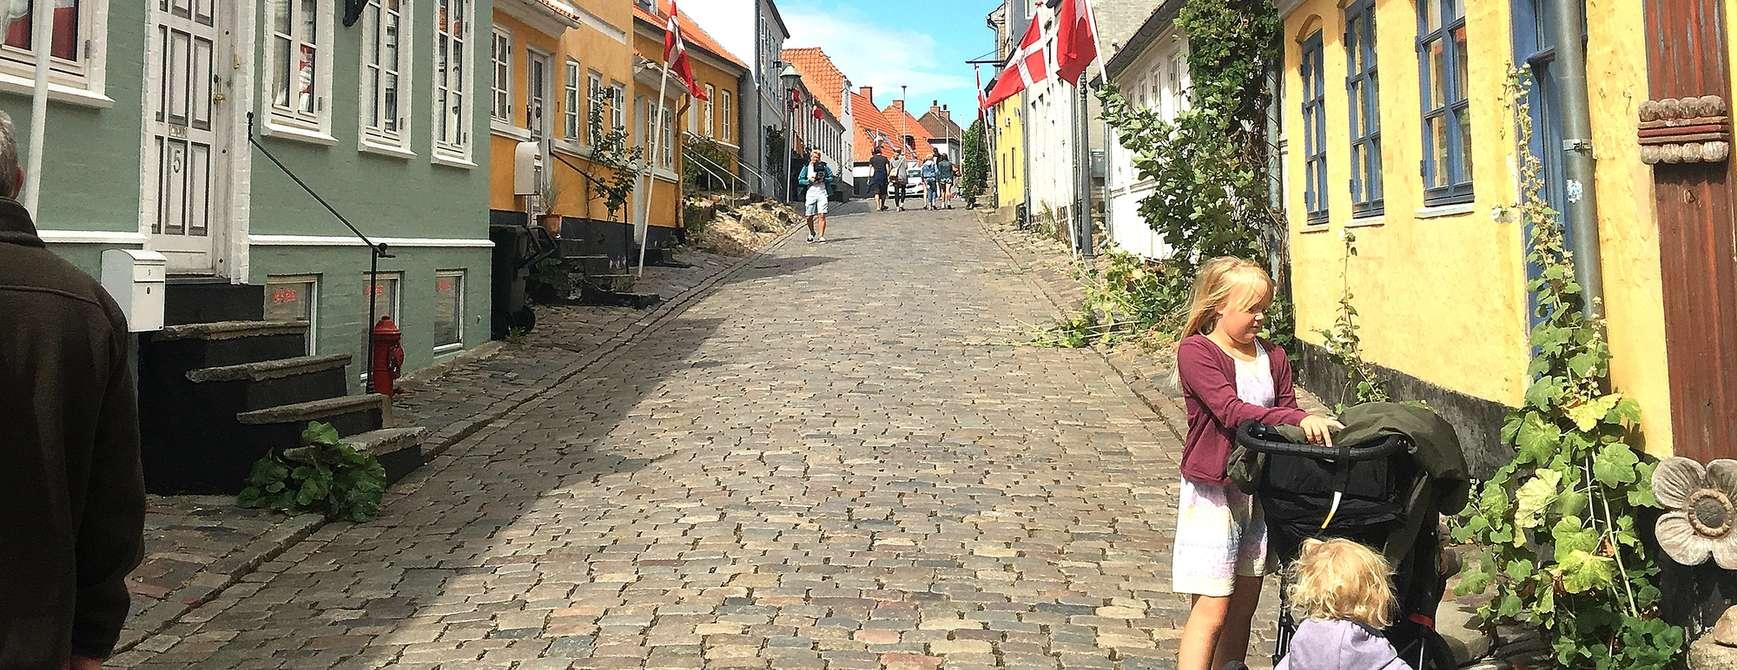 Familie nyter livet i en av de mange koselige brosteinsgatene i Danmark